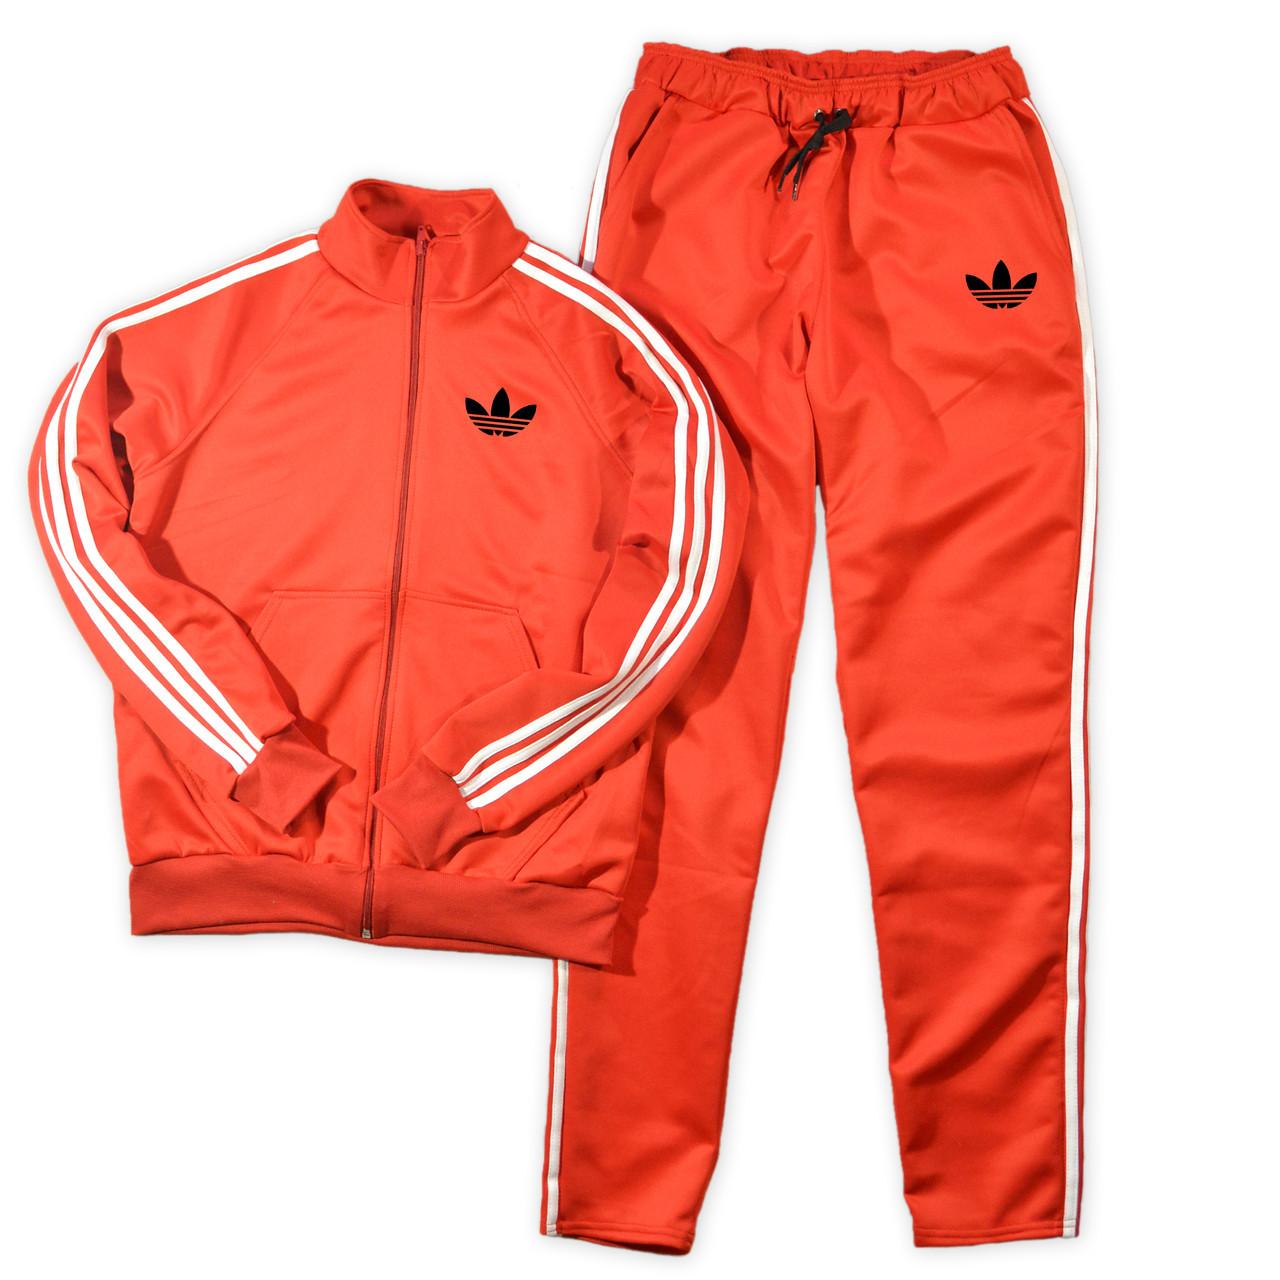 Спортивный костюм Adidas (Адидас) красного цвета для тренировок